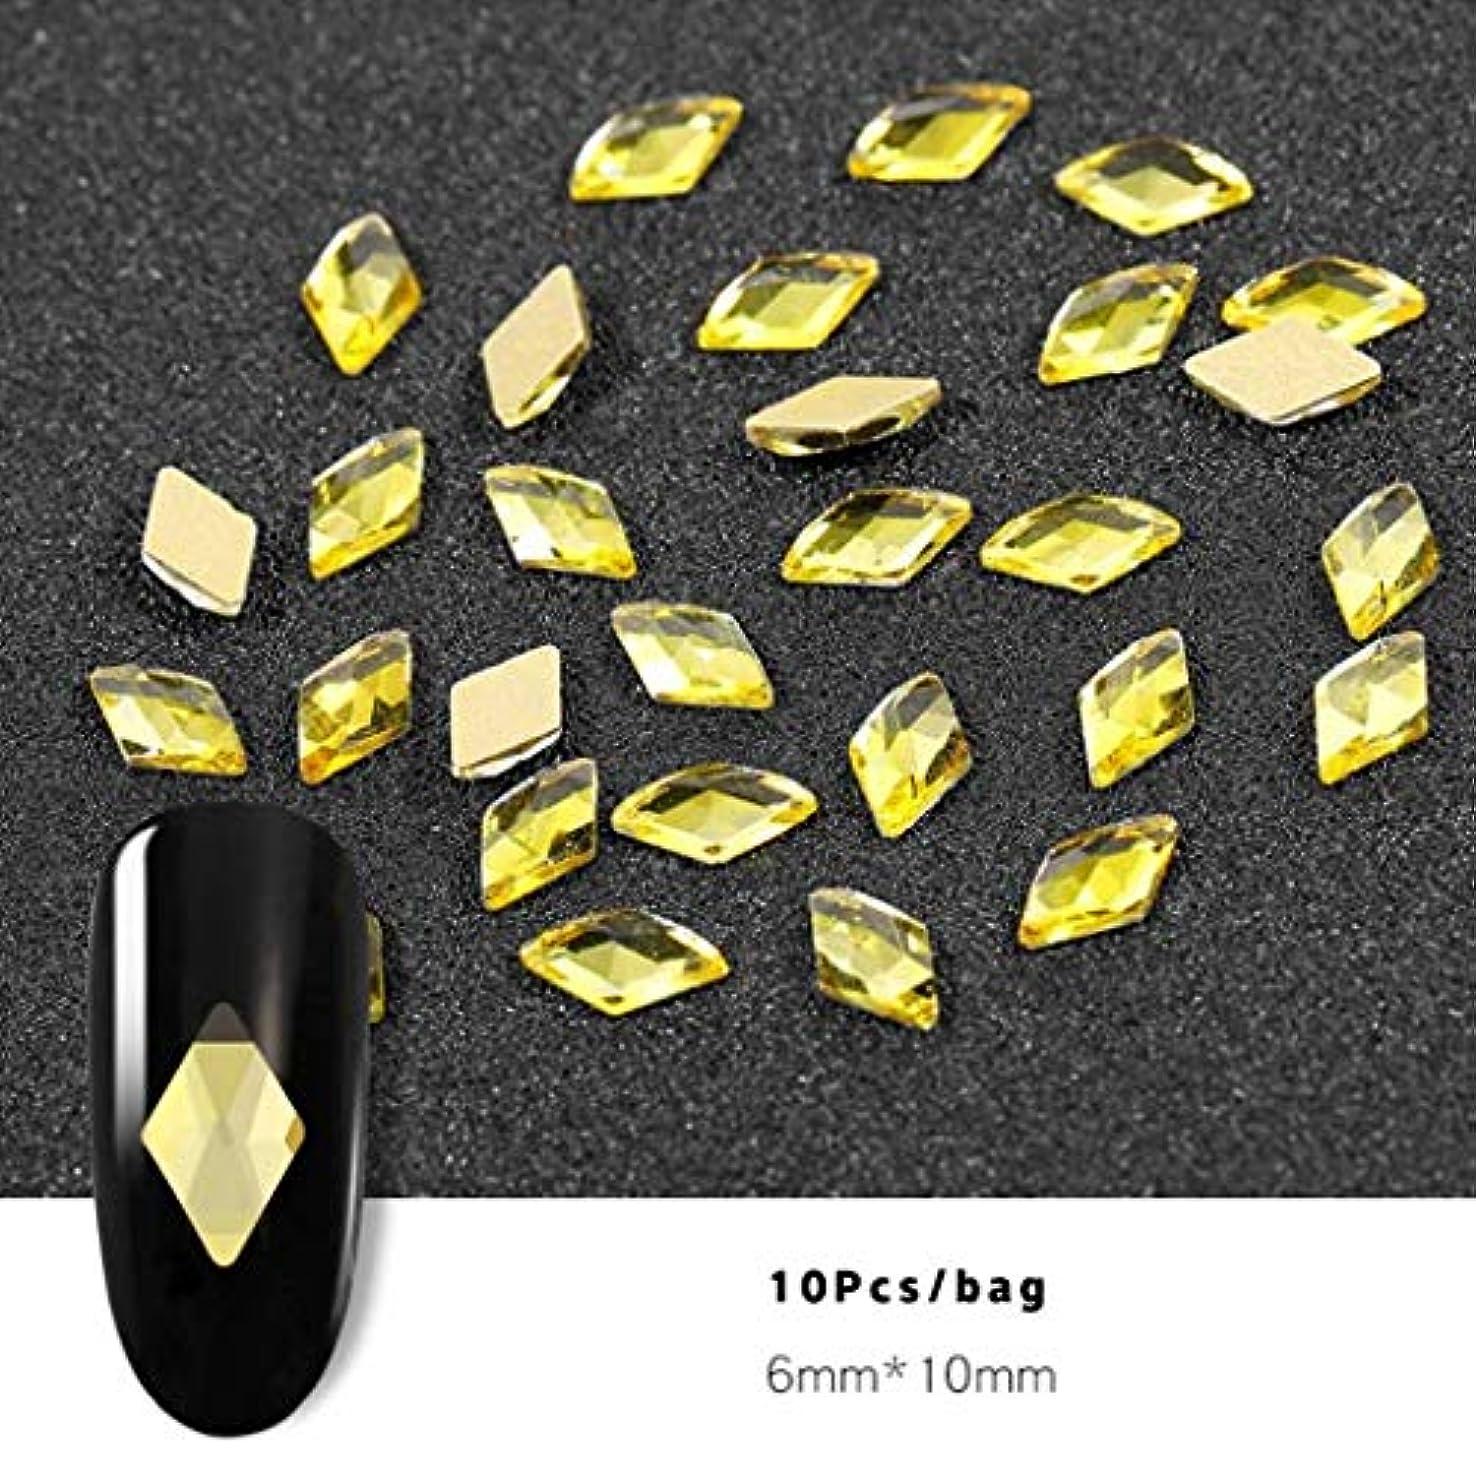 顕現にやにや司書OU-Kunmlef 新しい品質 マニキュア ガラスドリル レーション ネイルチャーム クリスタル ネイルジュエリー、ネイルパーツ、メタルパーツ ネイル用品 (None 1138)